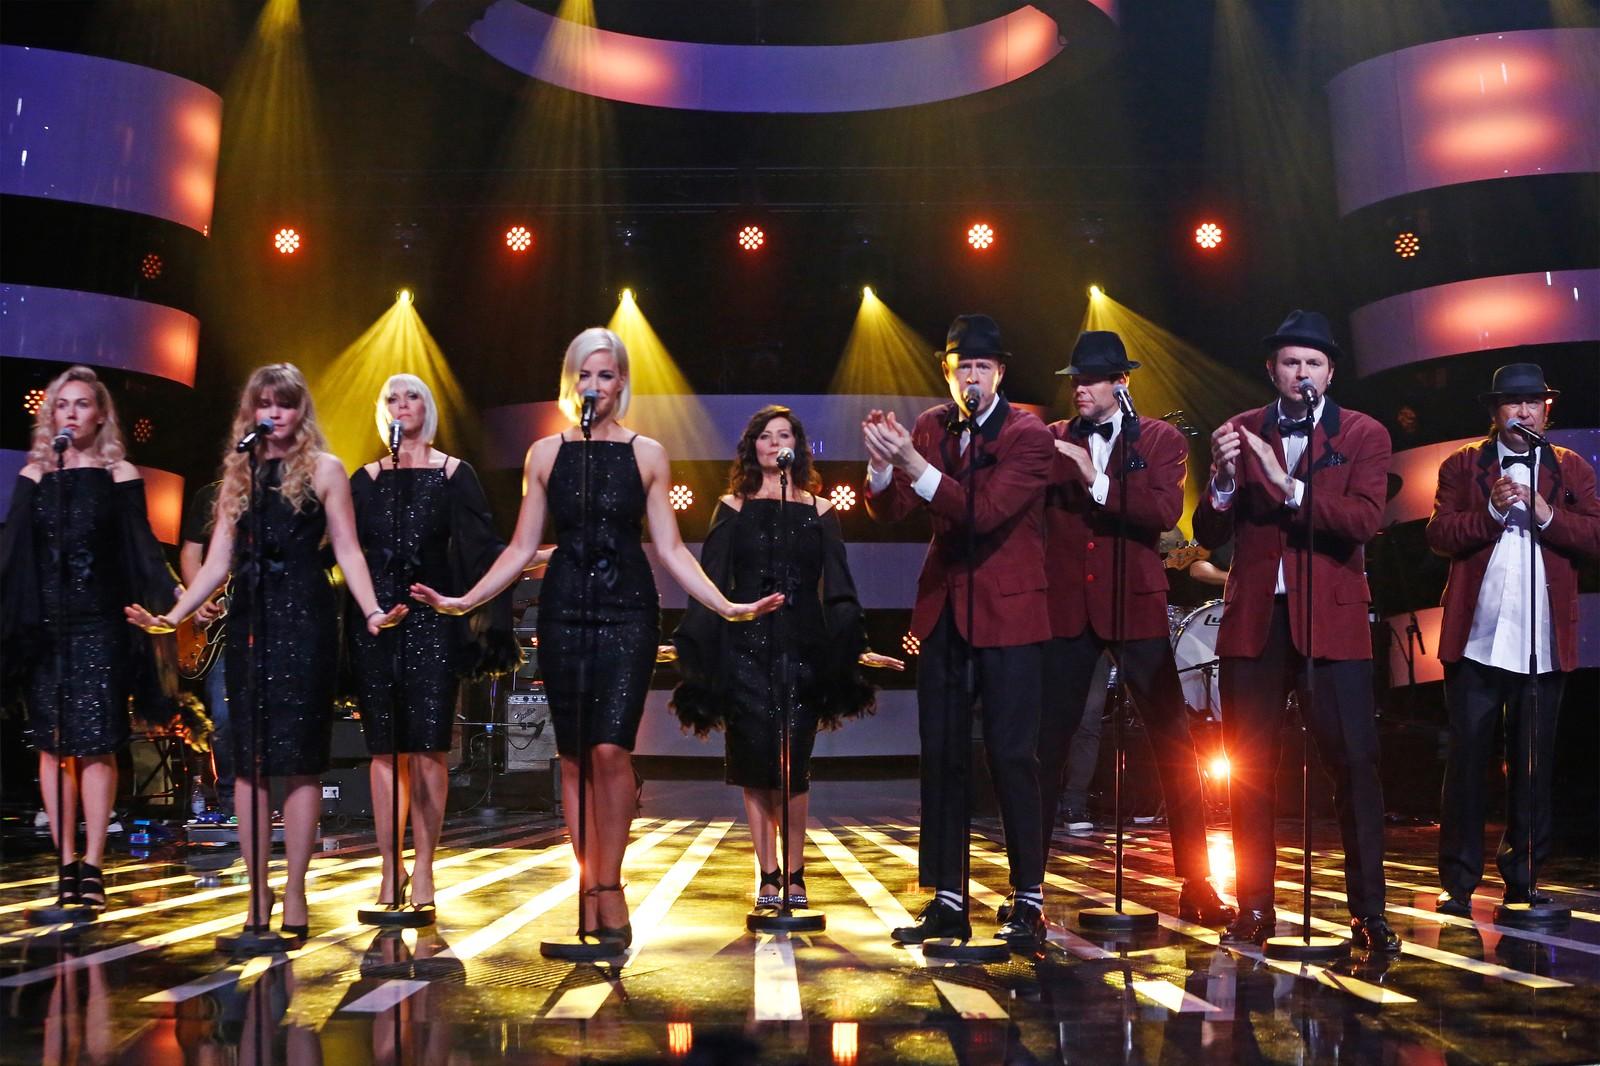 Alle deltakerne på scena under kveldens åpningsnummer.